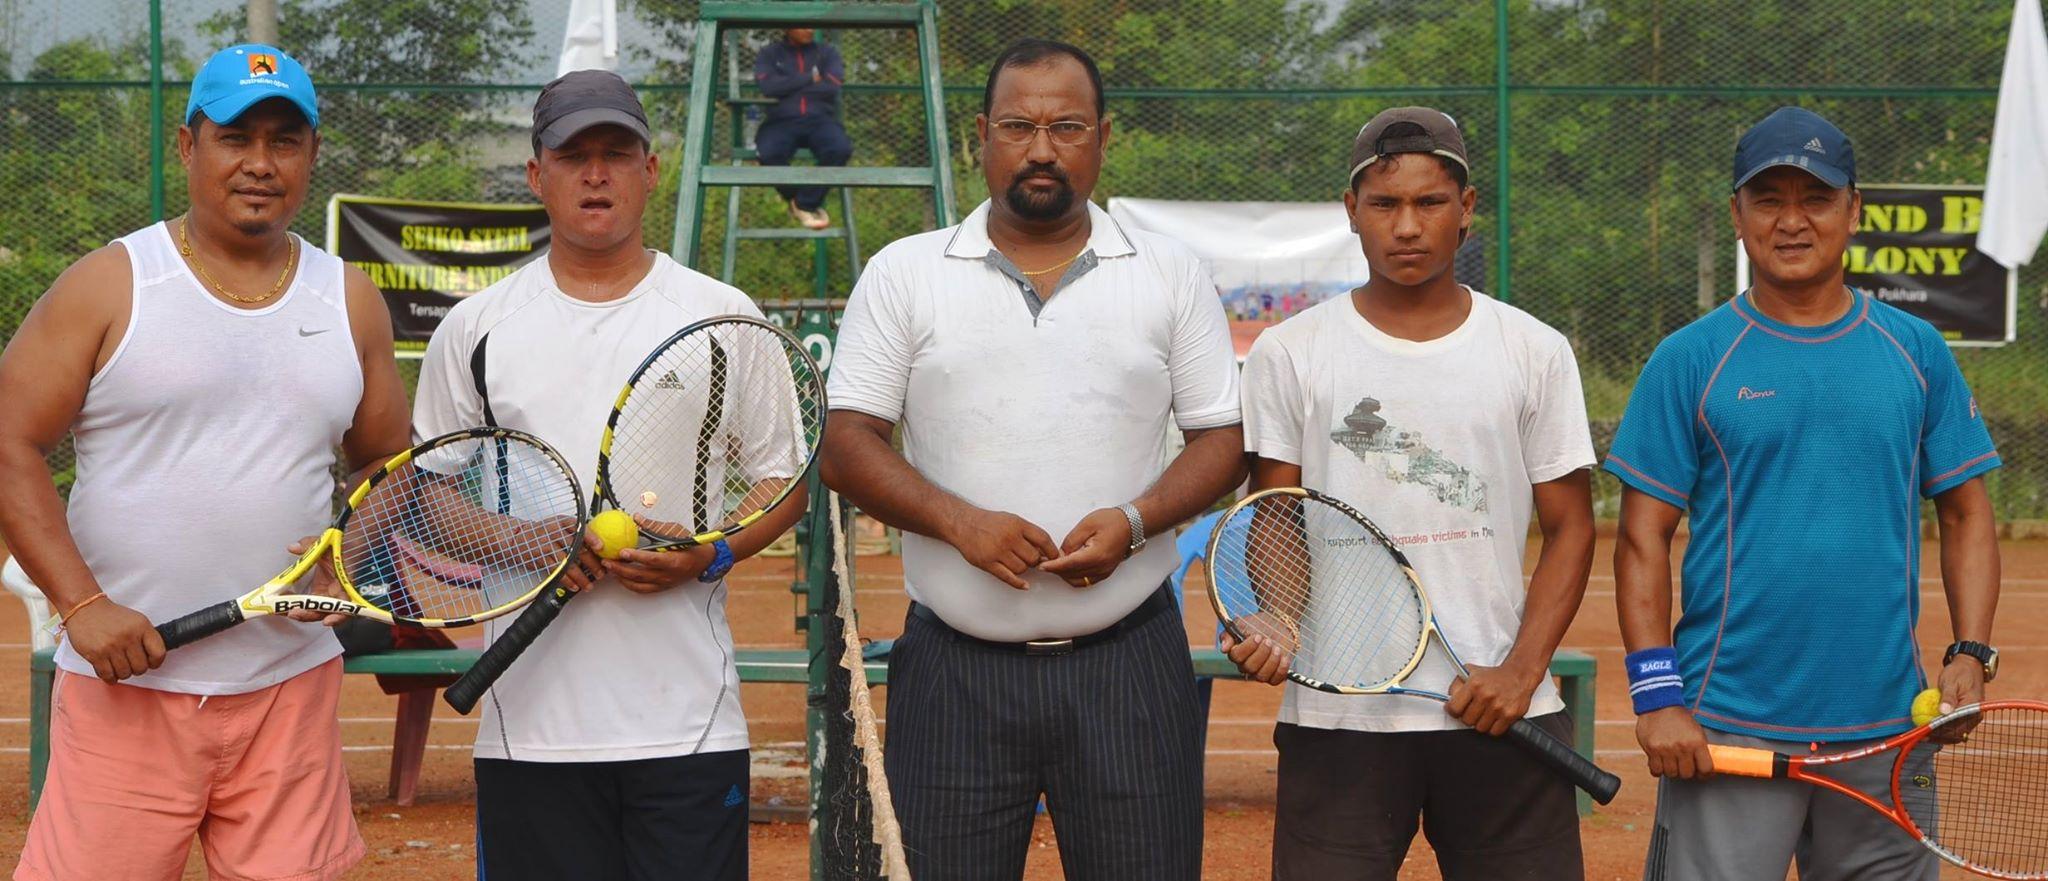 टेनिसमा डबल्सको क्वाटरफाइनल सम्पन्न